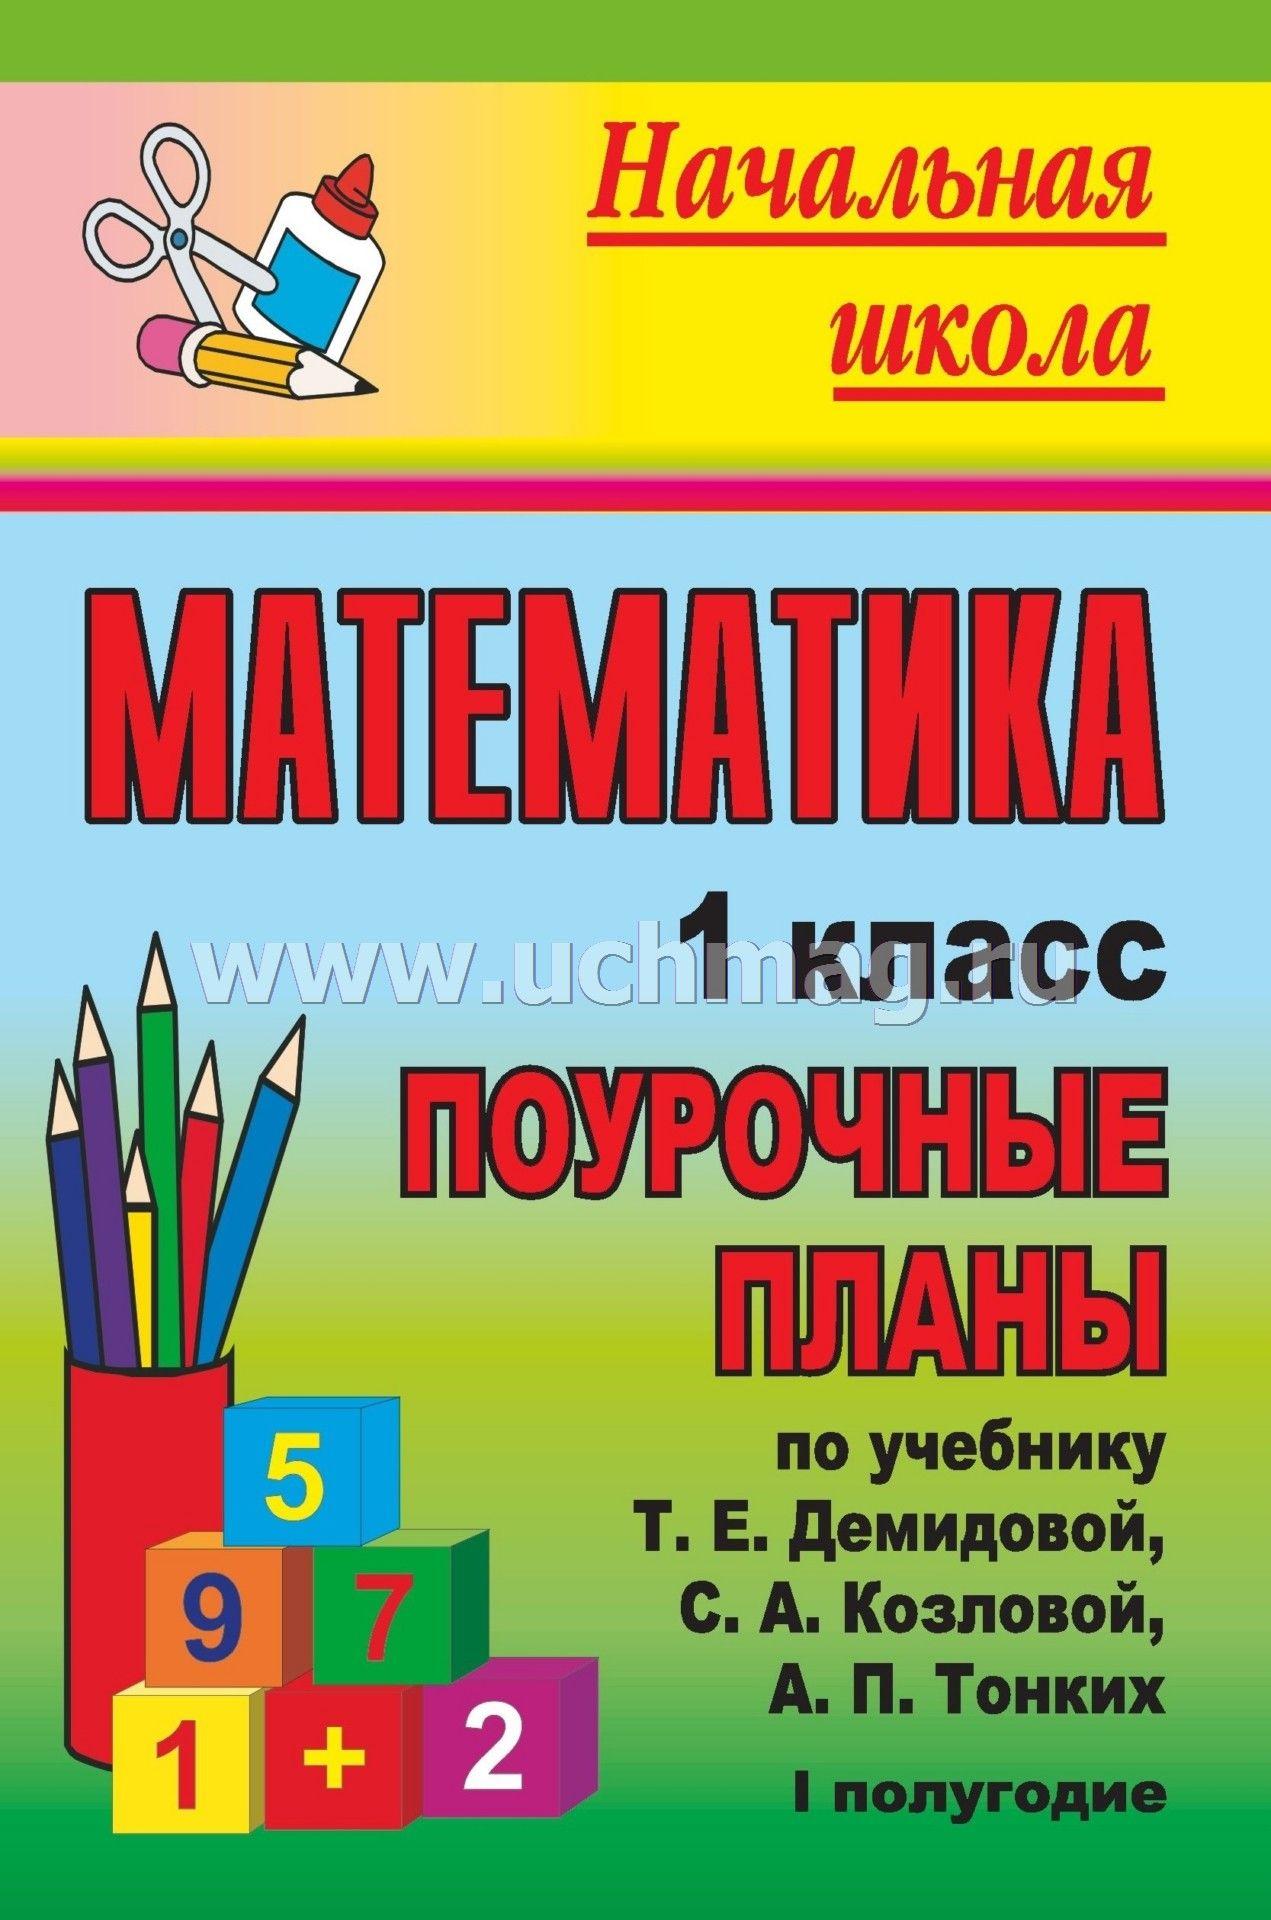 Бесплатно скачать тесты по математике в 1-4 классах д.е демидовой